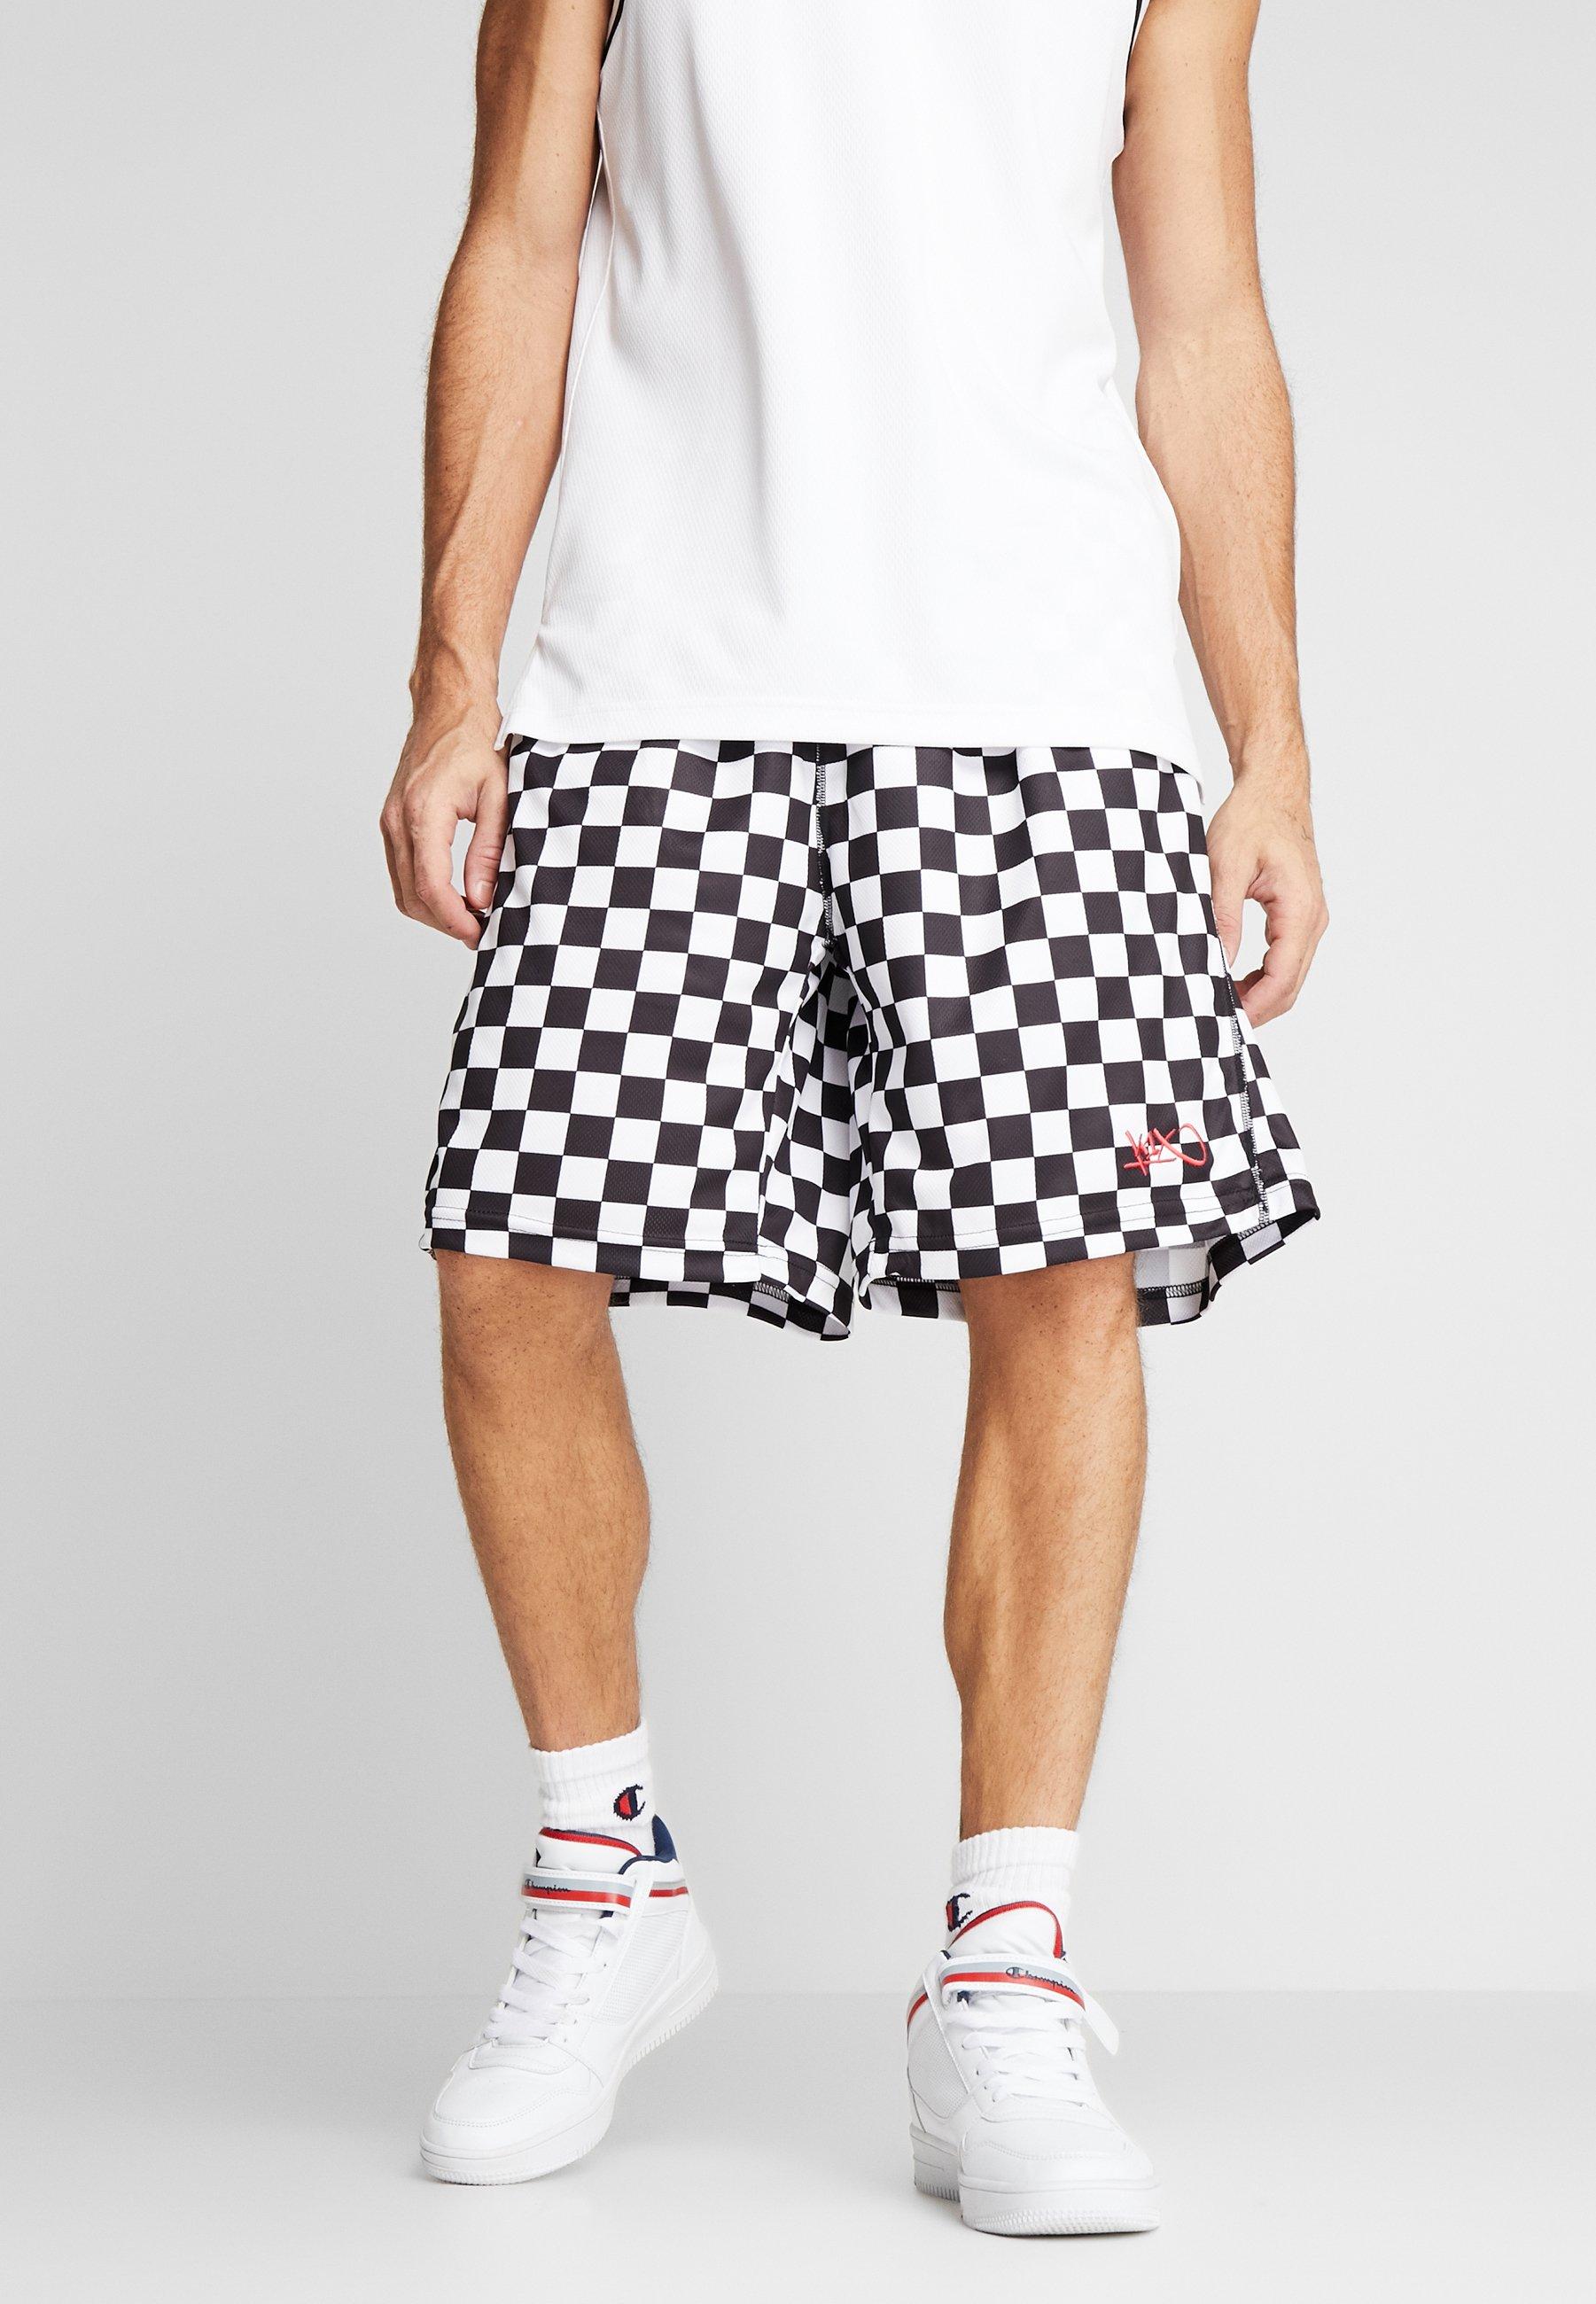 White ShortsPantaloncini Checker Sportivi ShortsPantaloncini K1x Sportivi K1x Checker O0Pknw